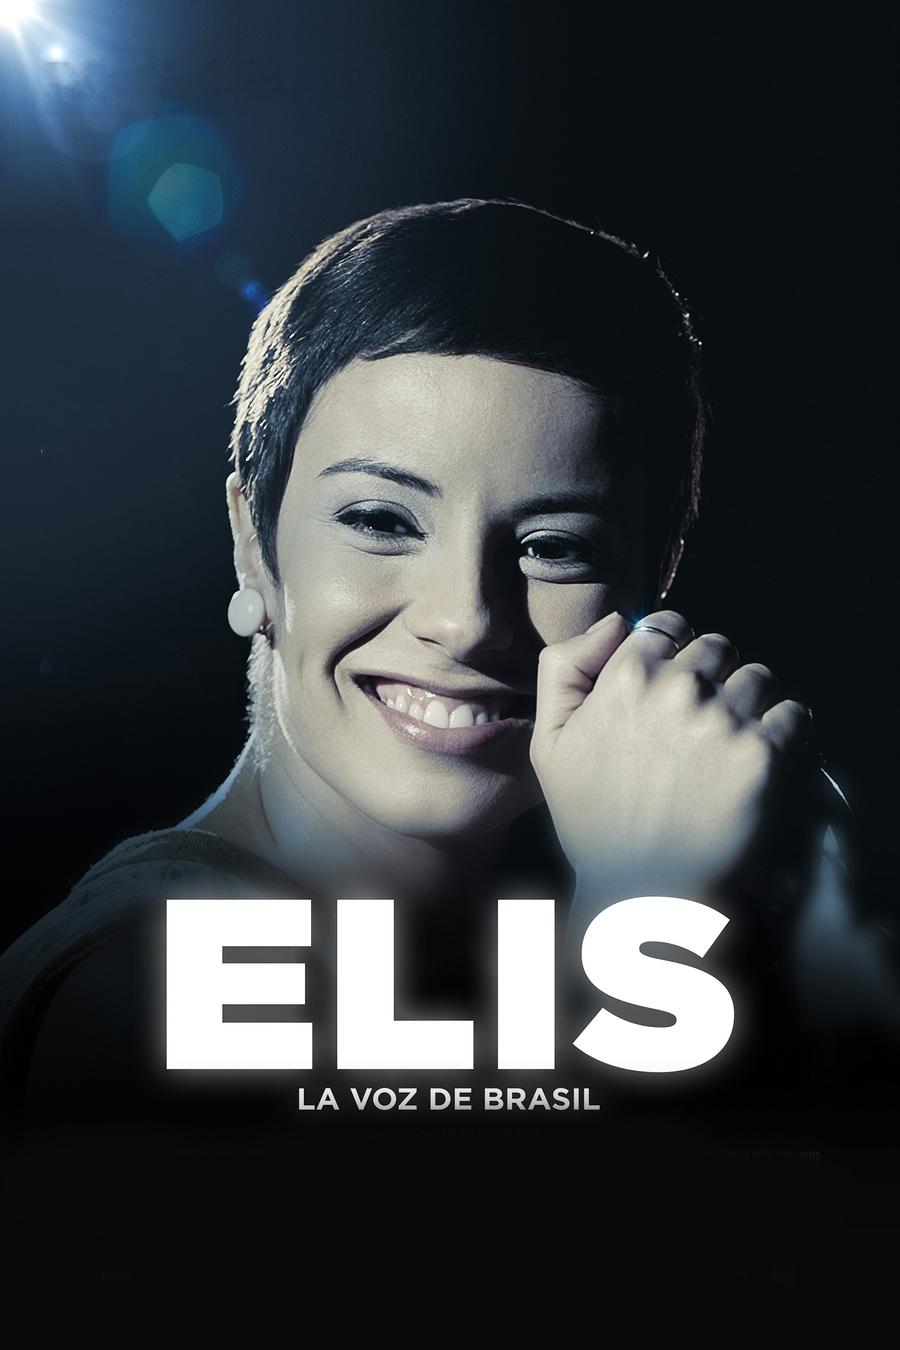 Elis, la voz de Brasil